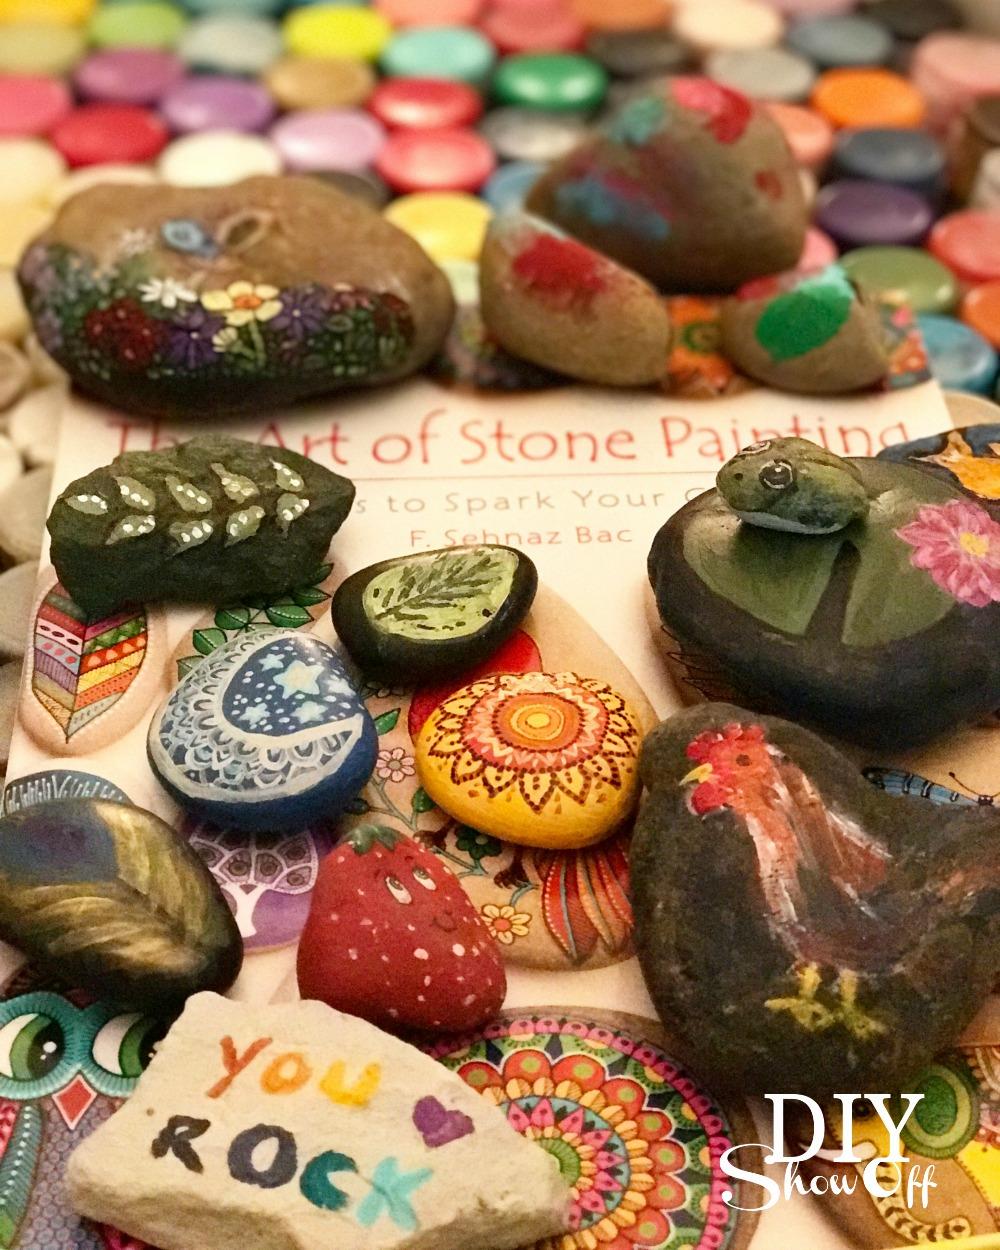 kindnessrocks painted rocks